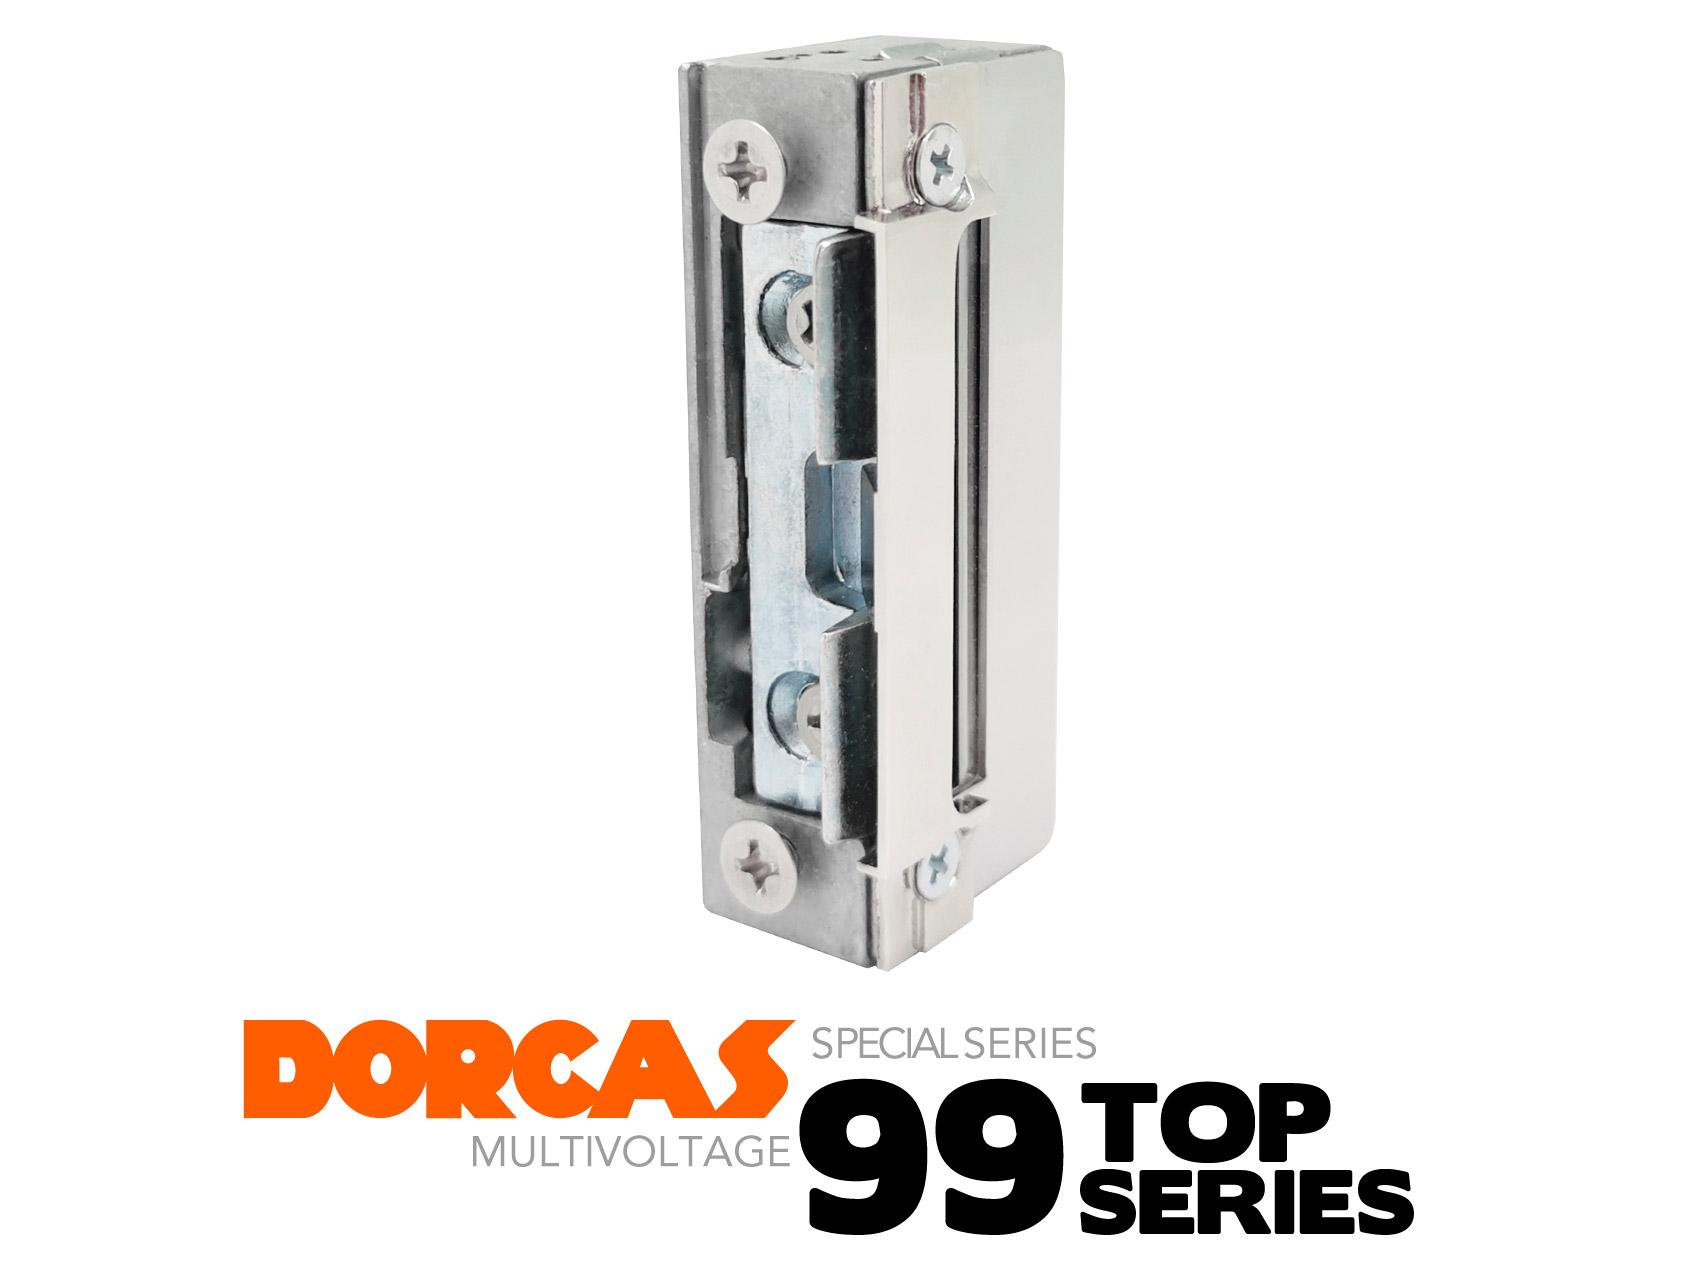 dorcas-serie99-top-portada-en